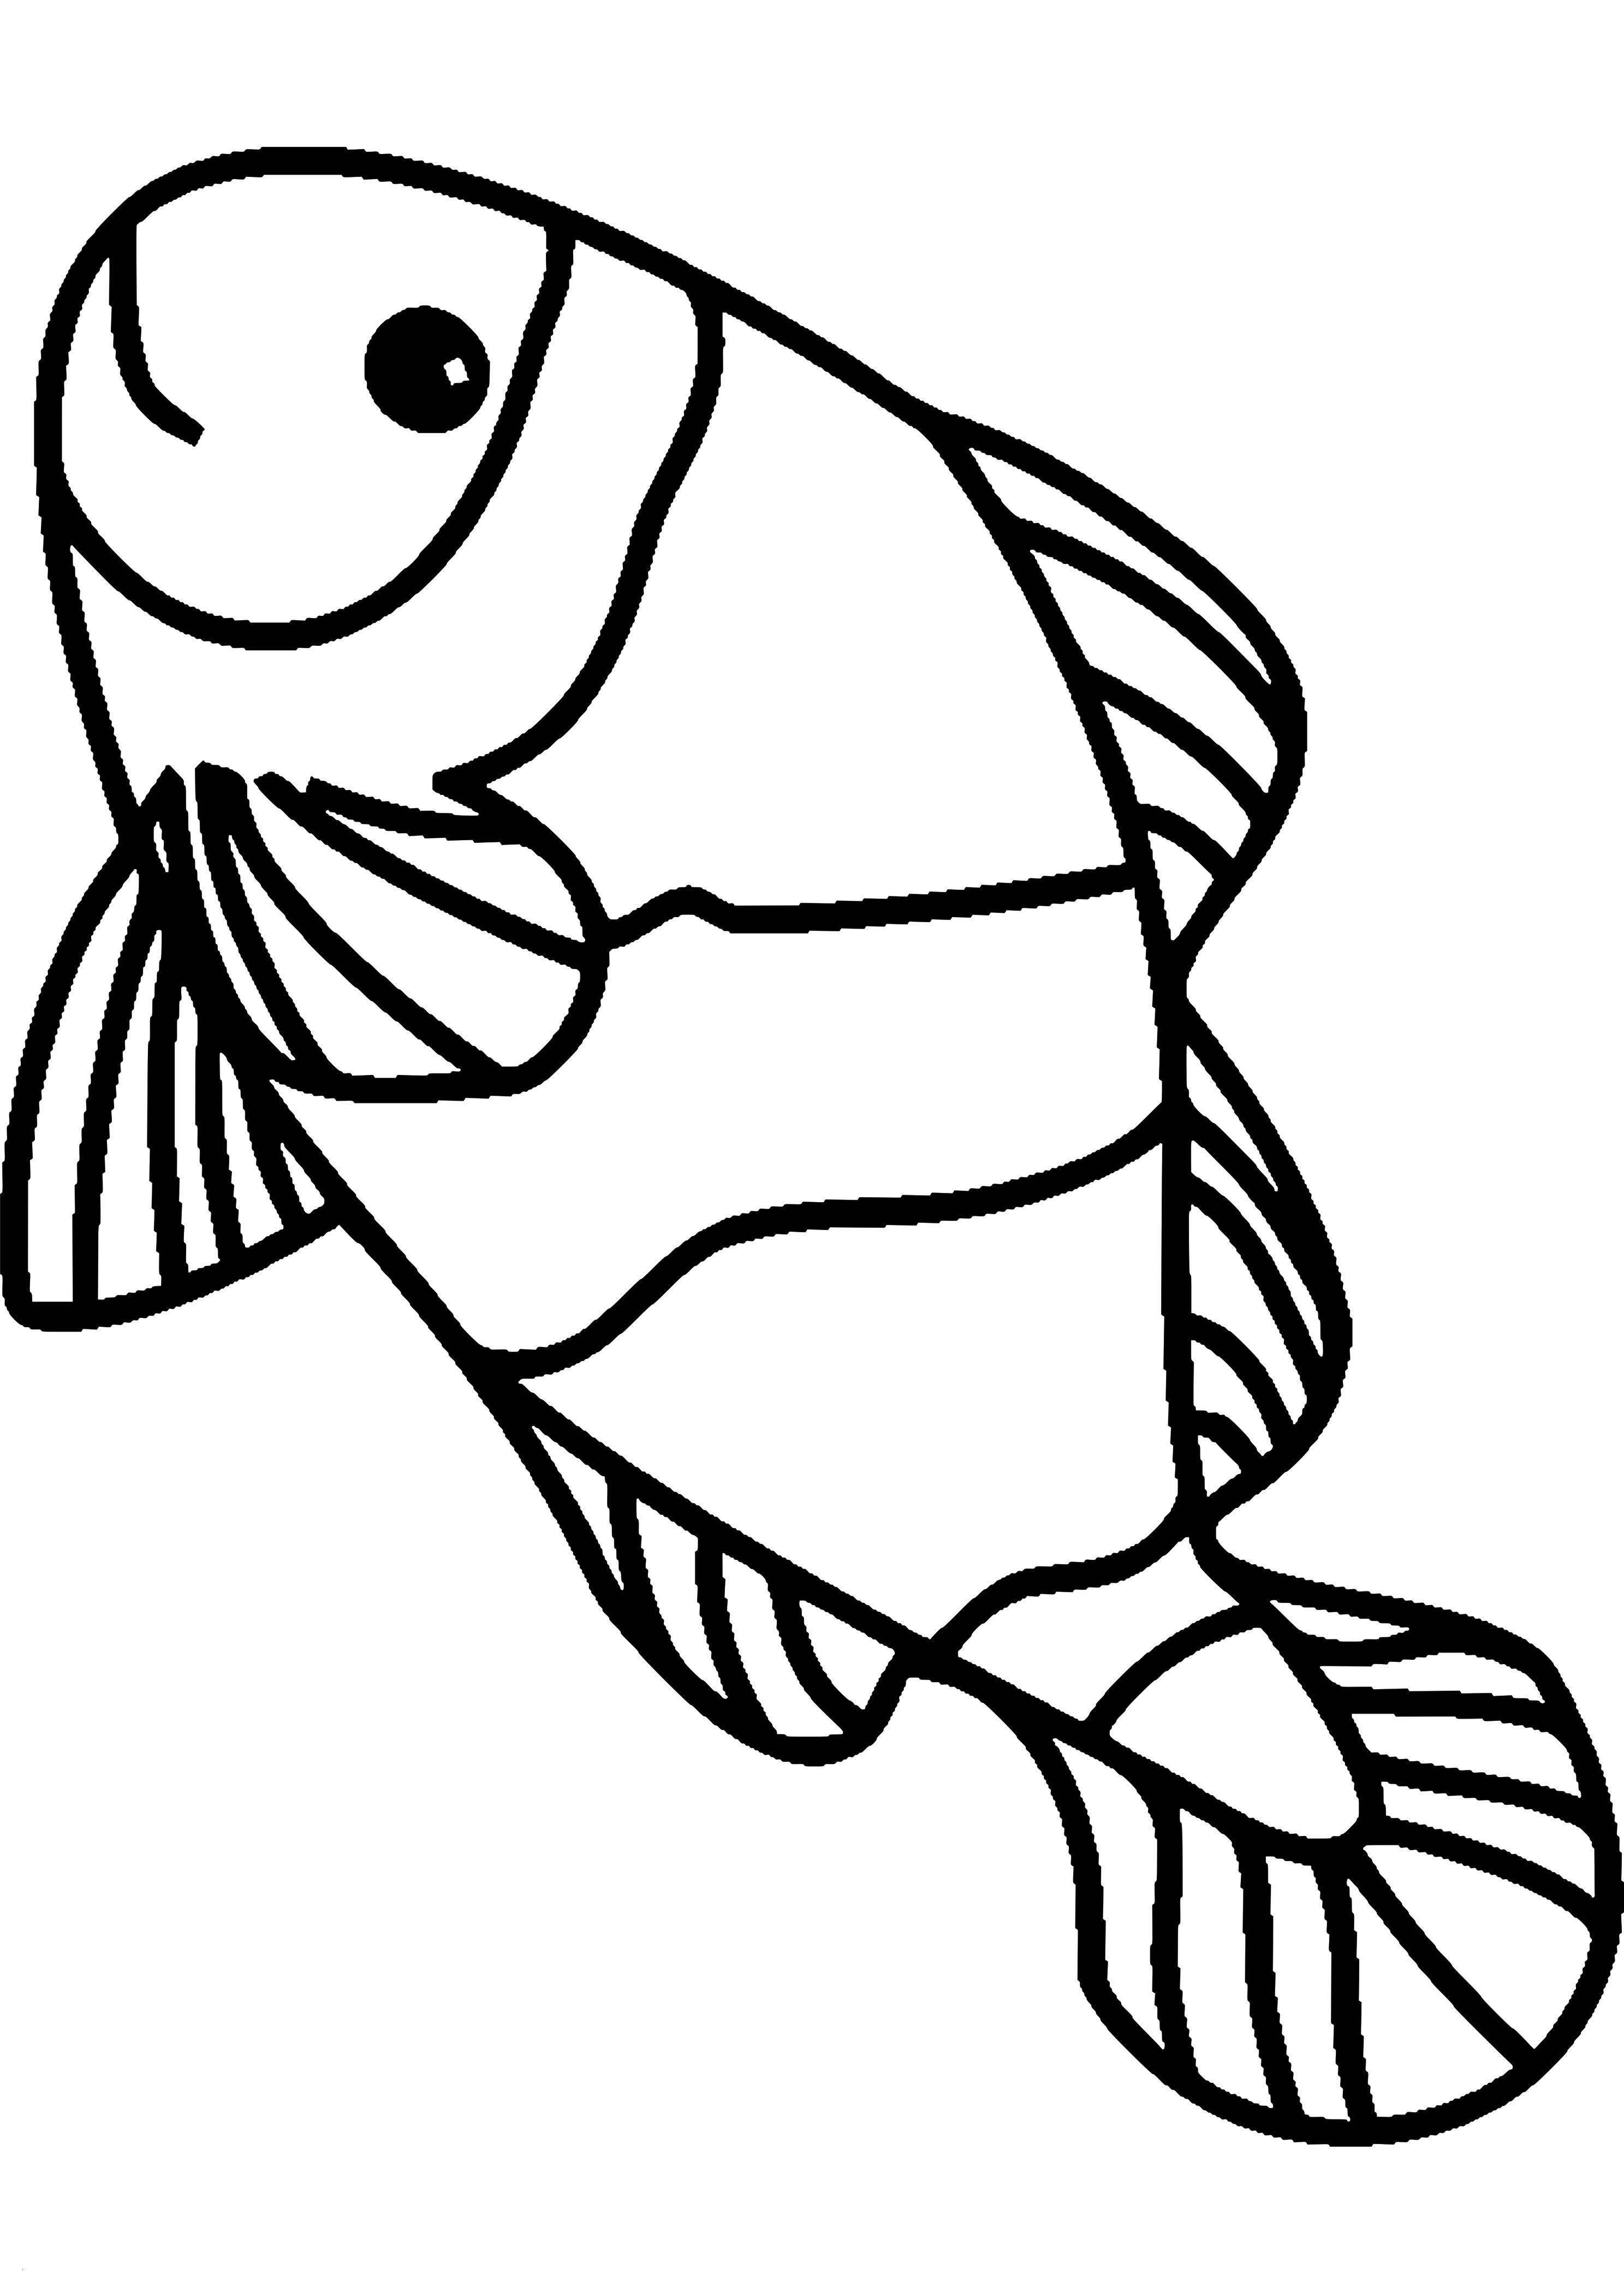 Fische Bilder Zum Ausdrucken Das Beste Von Ausmalbilder Weihnachten Schneemann Luxus Igel Grundschule 0d Frisch Fotografieren